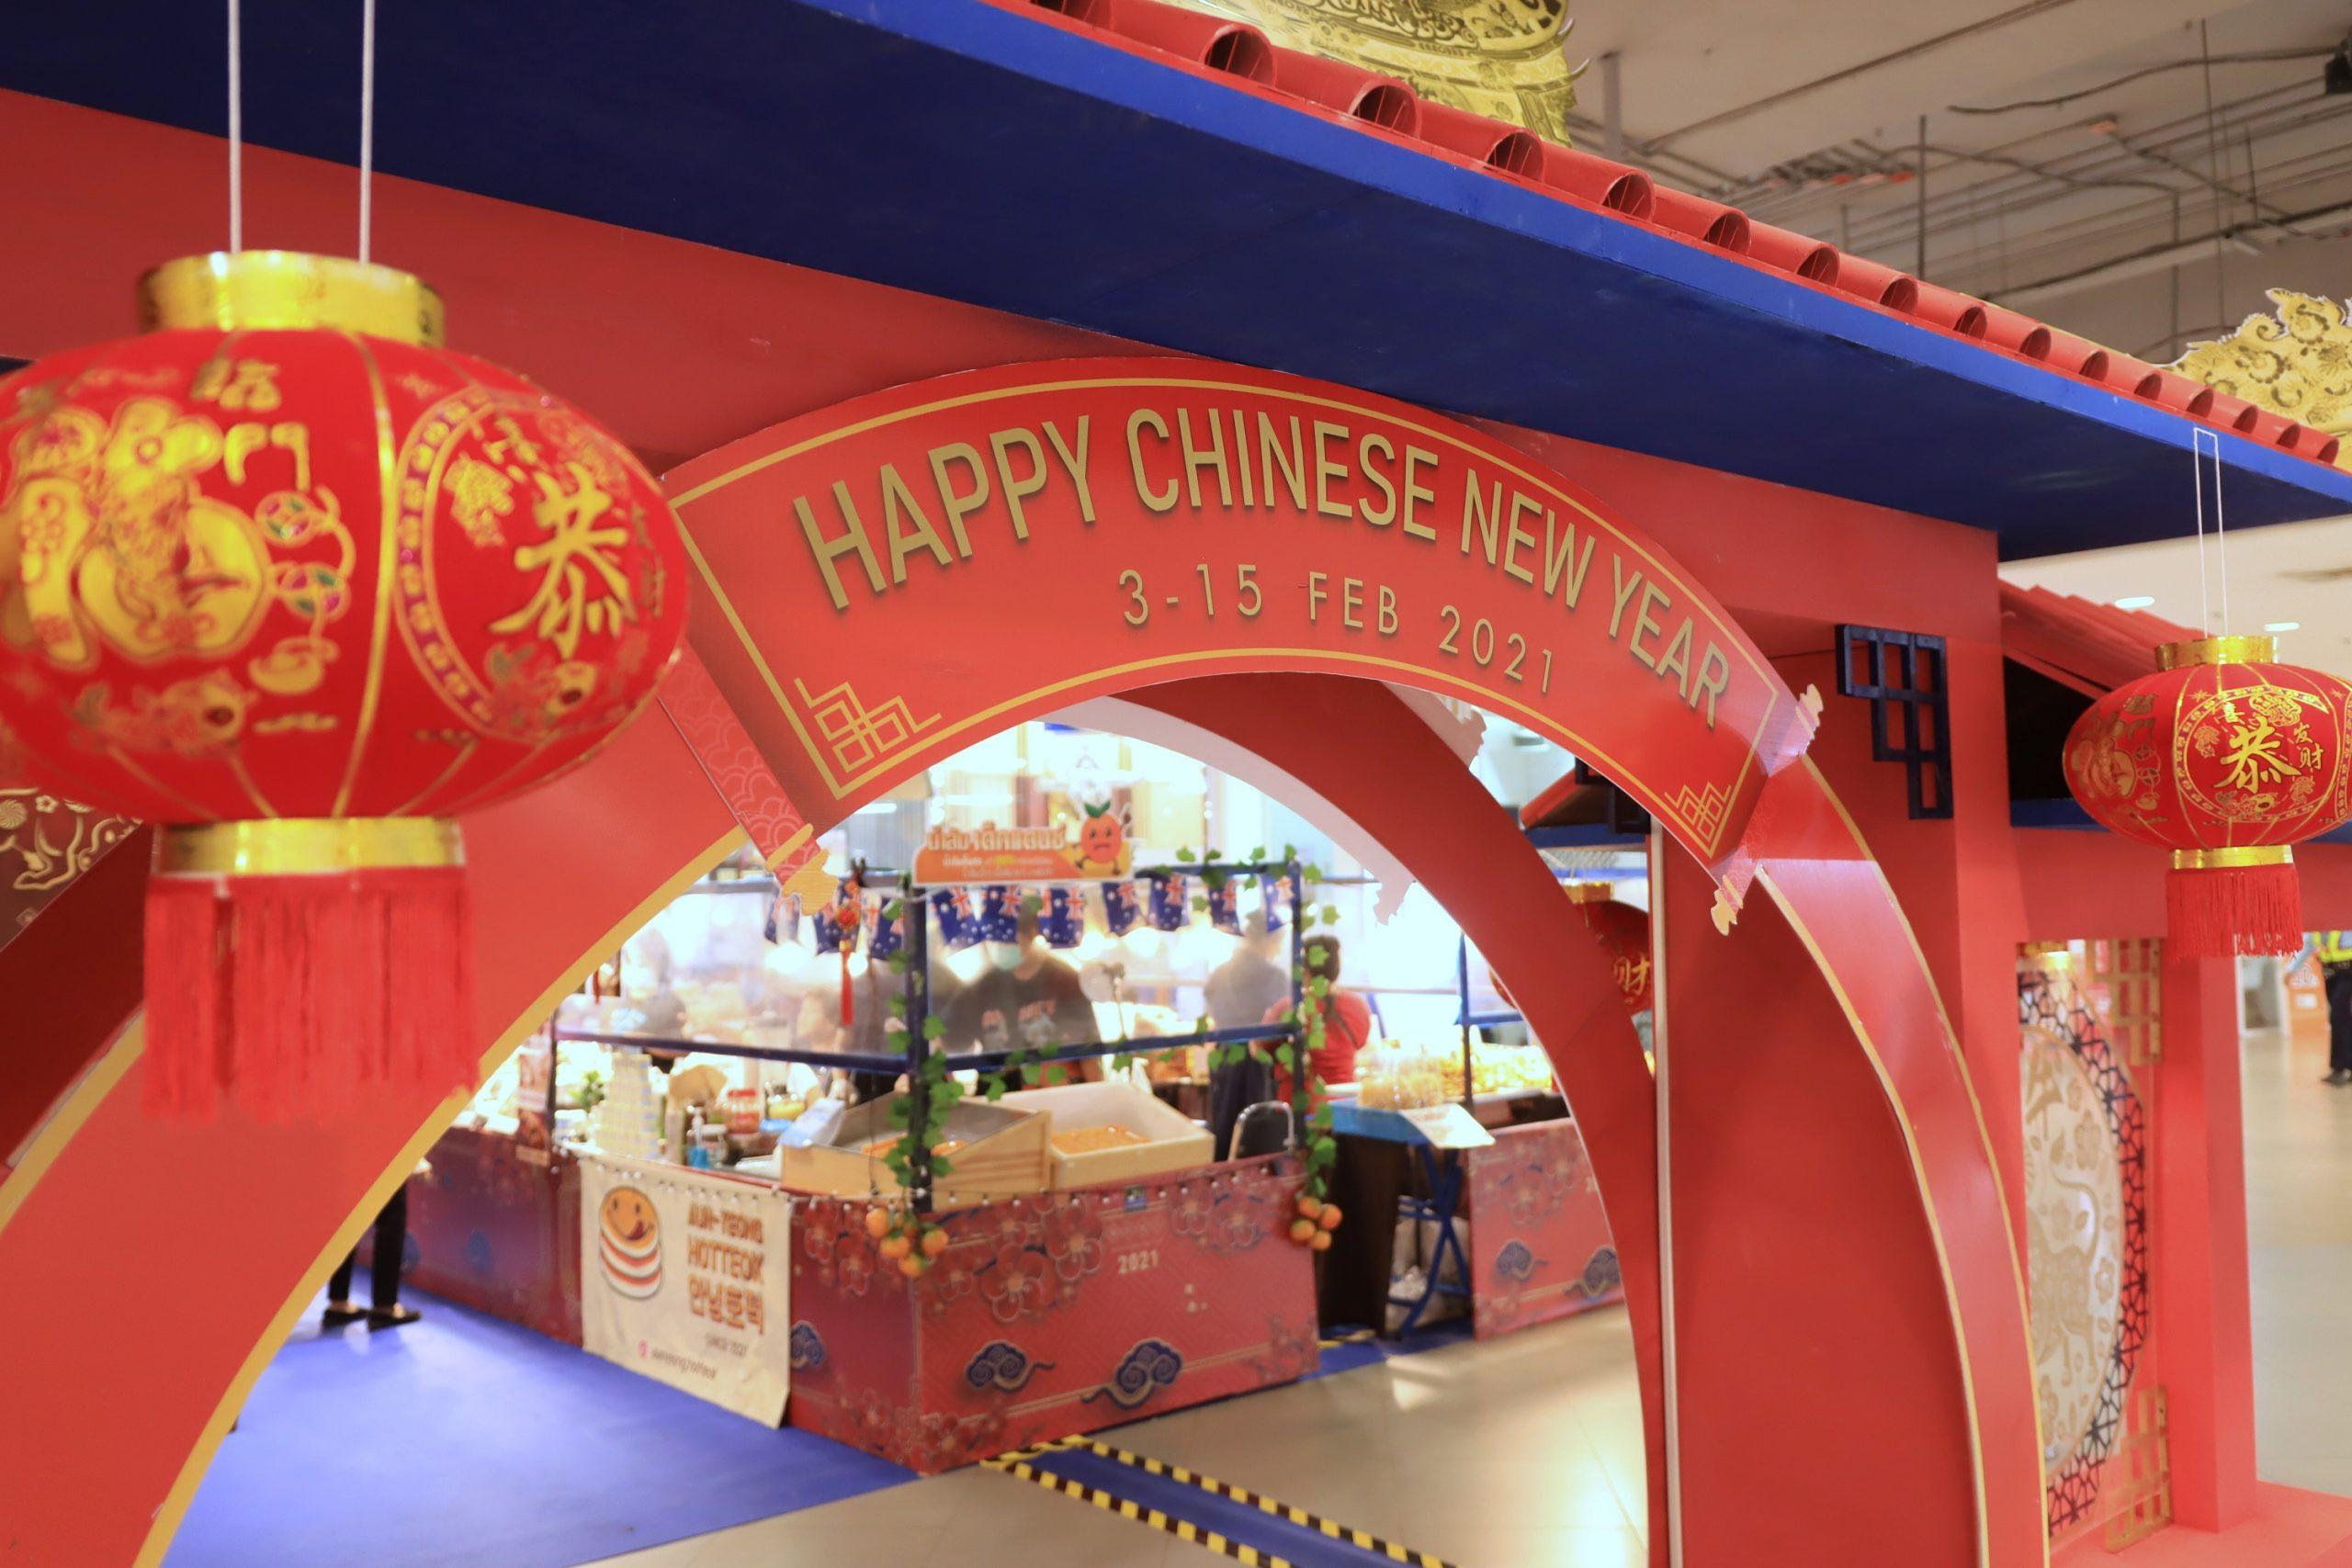 Happy Chinese New Year 2021 ตรุษจีน เมกาบางนา